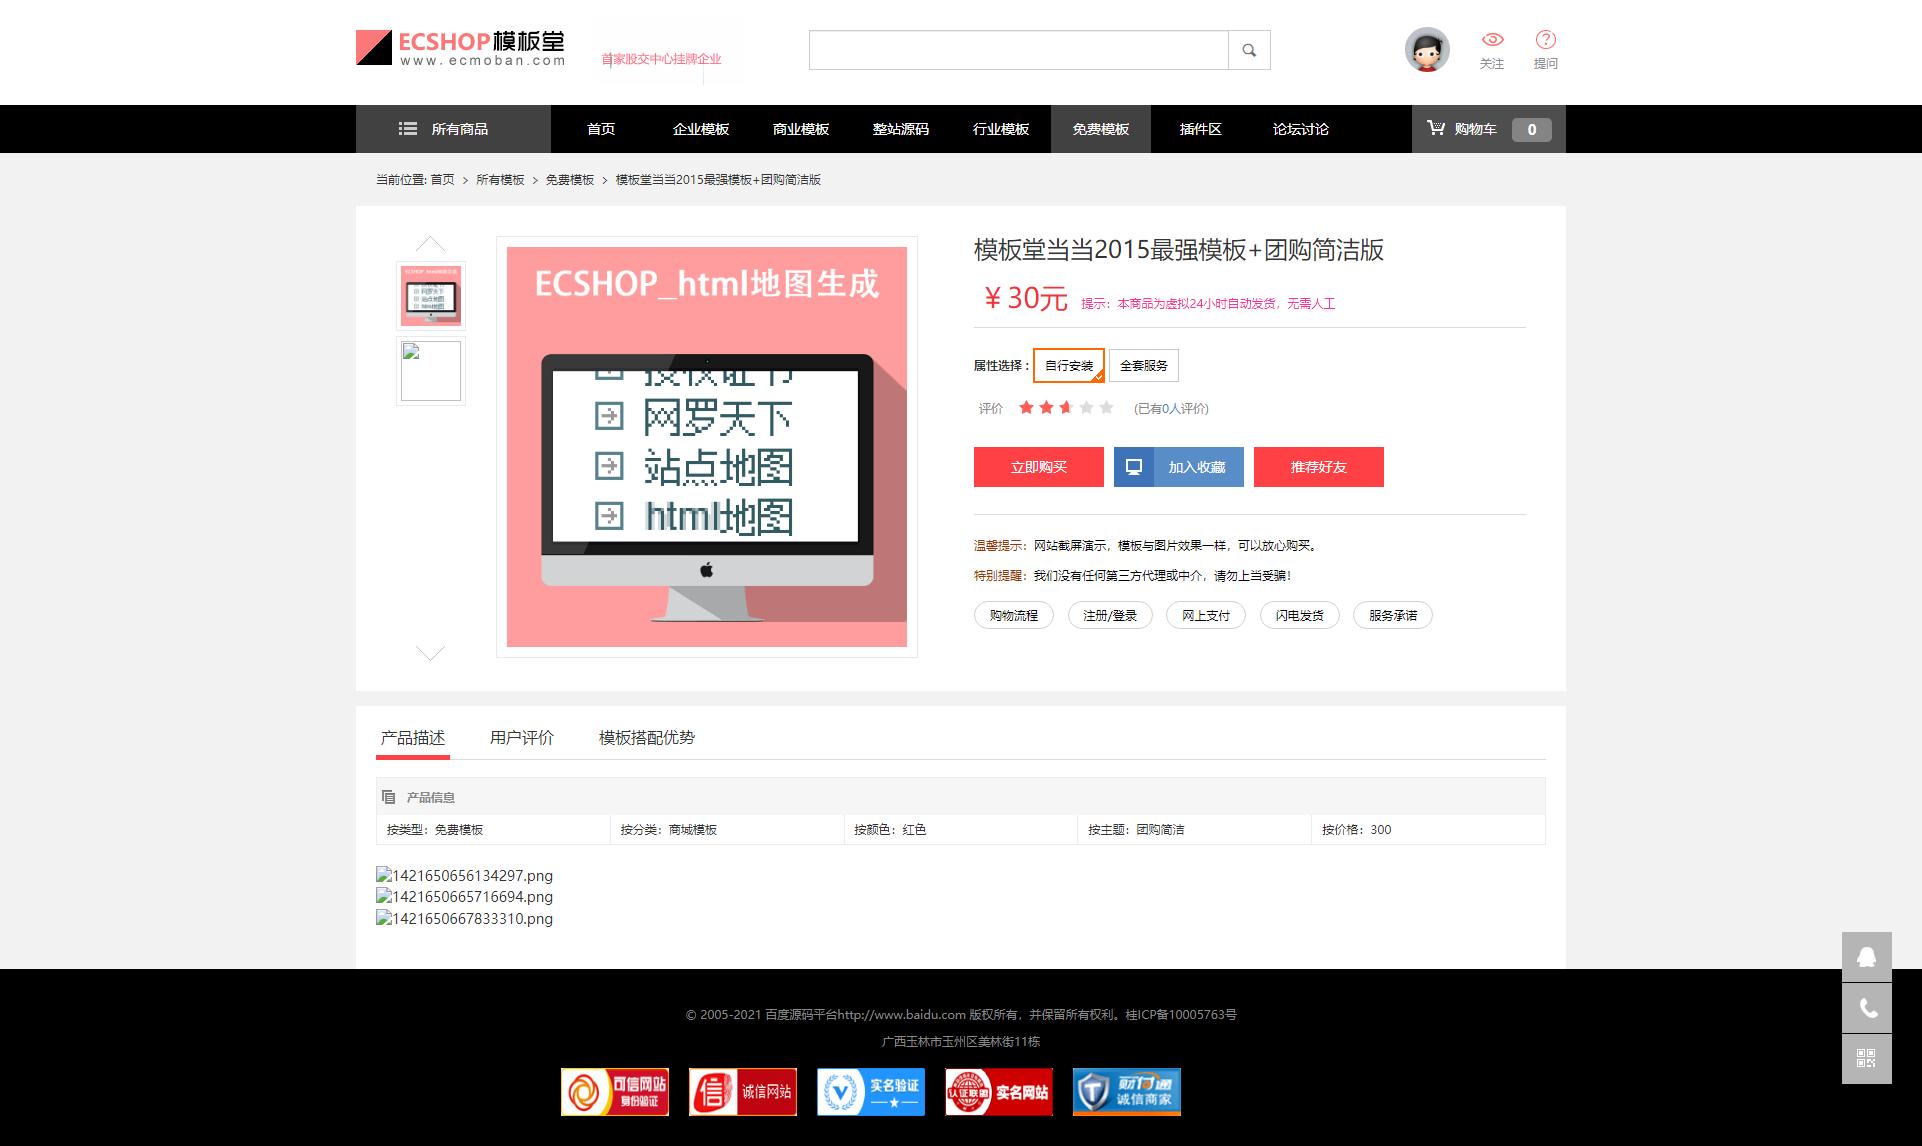 亲测丨ecshop虚拟资源网素材商品交易平台网站源码下载